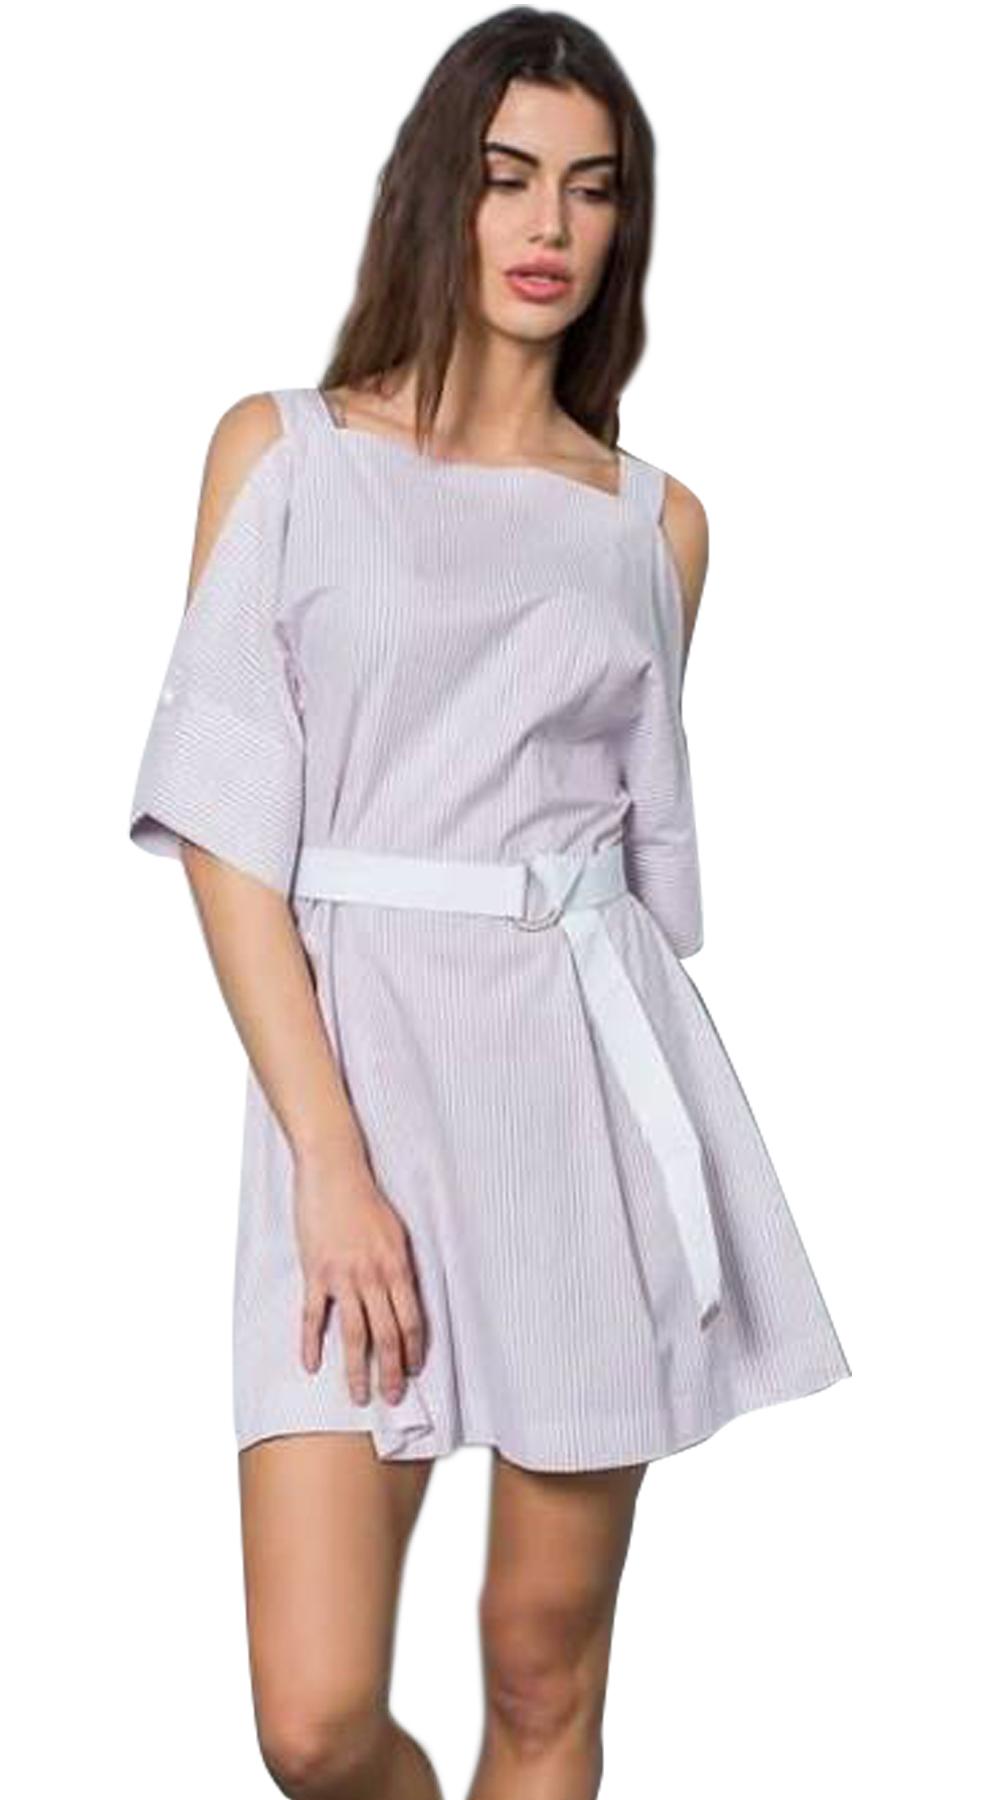 Μίνι ριγέ φόρεμα με μανίκια με cut outs και αθλητική ζώνη - Greek Brands - S18NA φορέματα μίνι φορέματα